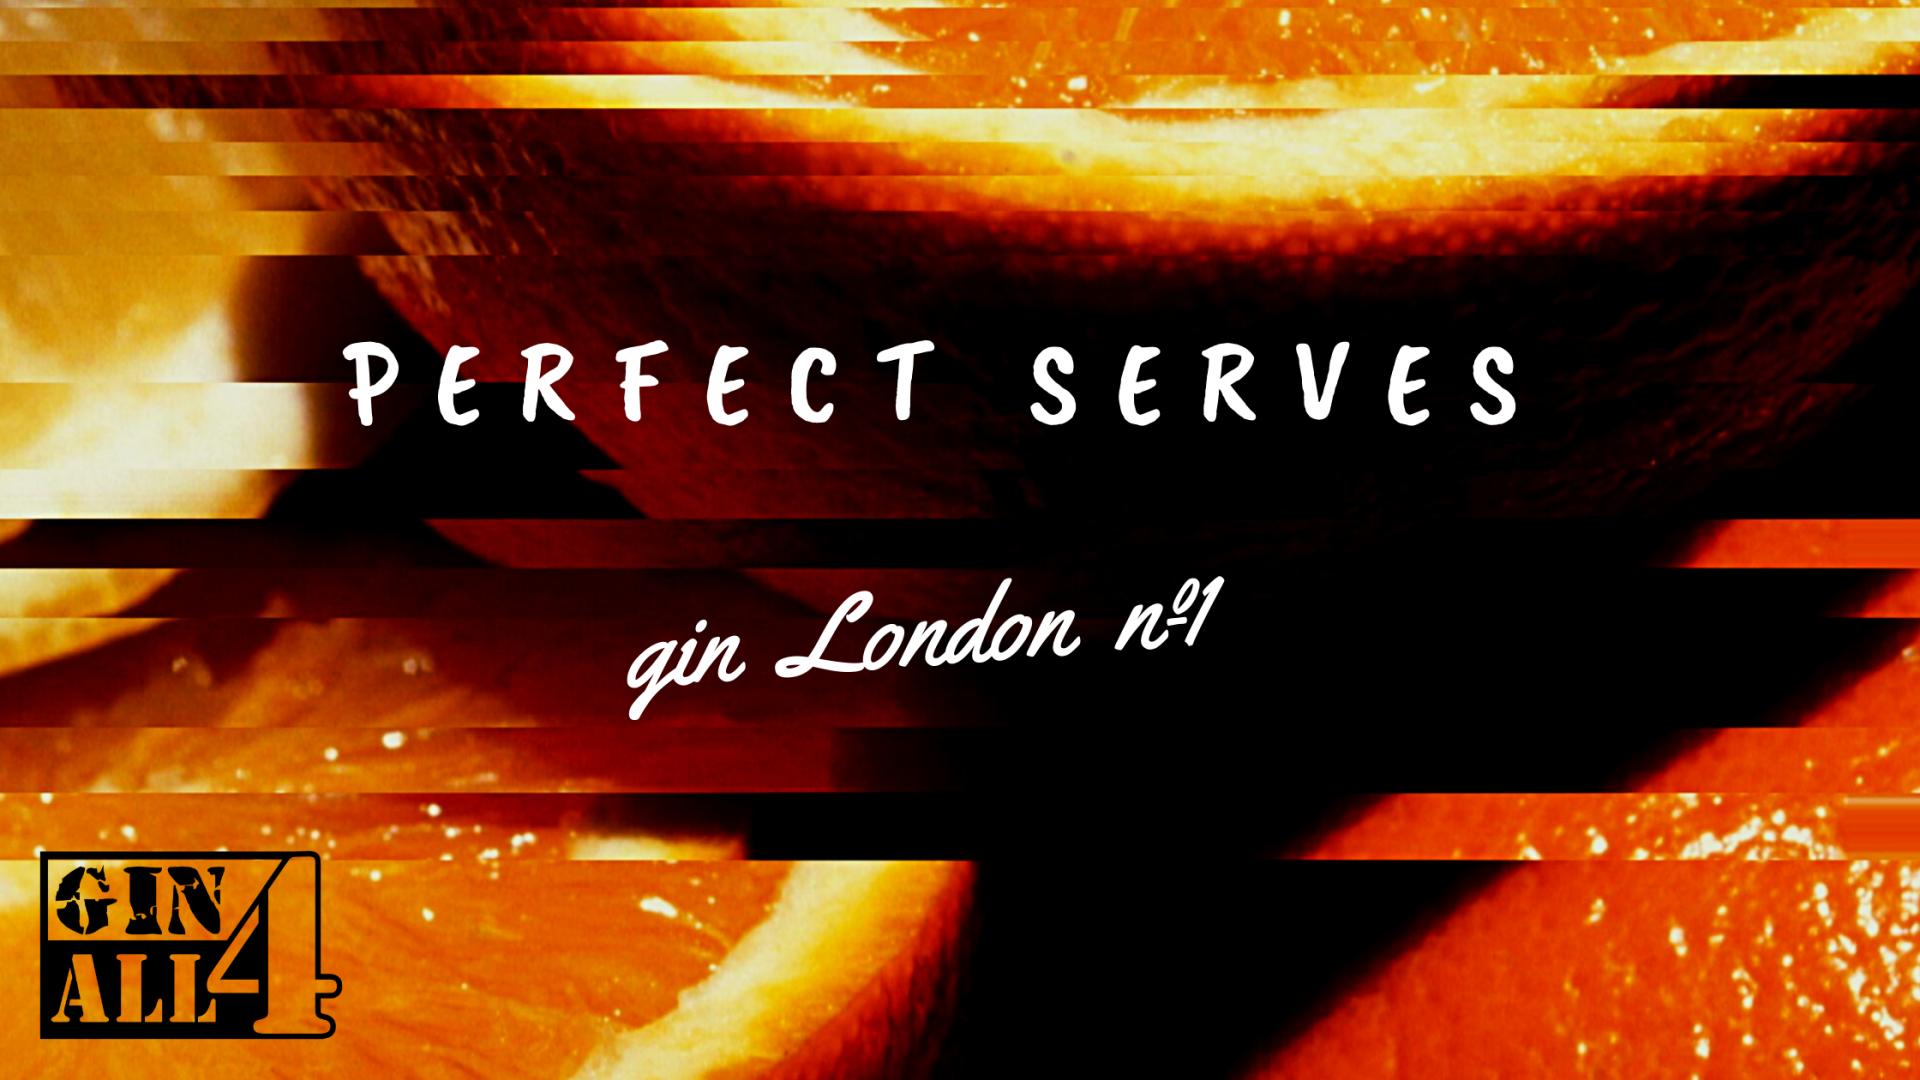 Perfect Serves - GIN LONDON Nº1